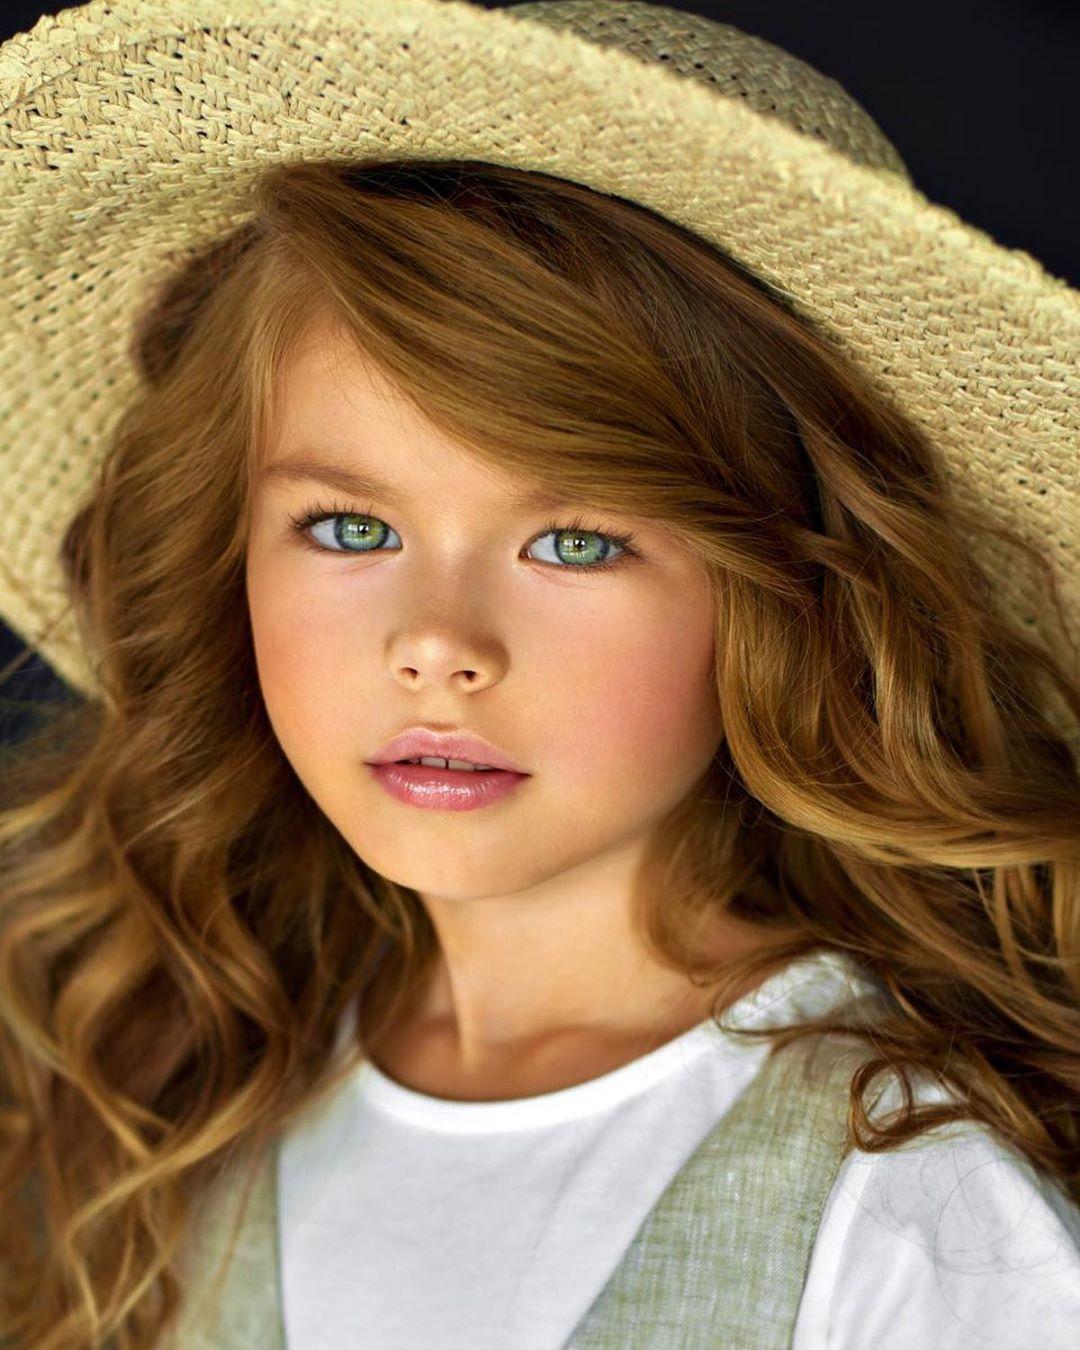 Орос охиныг дэлхийн хамгийн хөөрхөн хүүхдээр нэрлэлээ